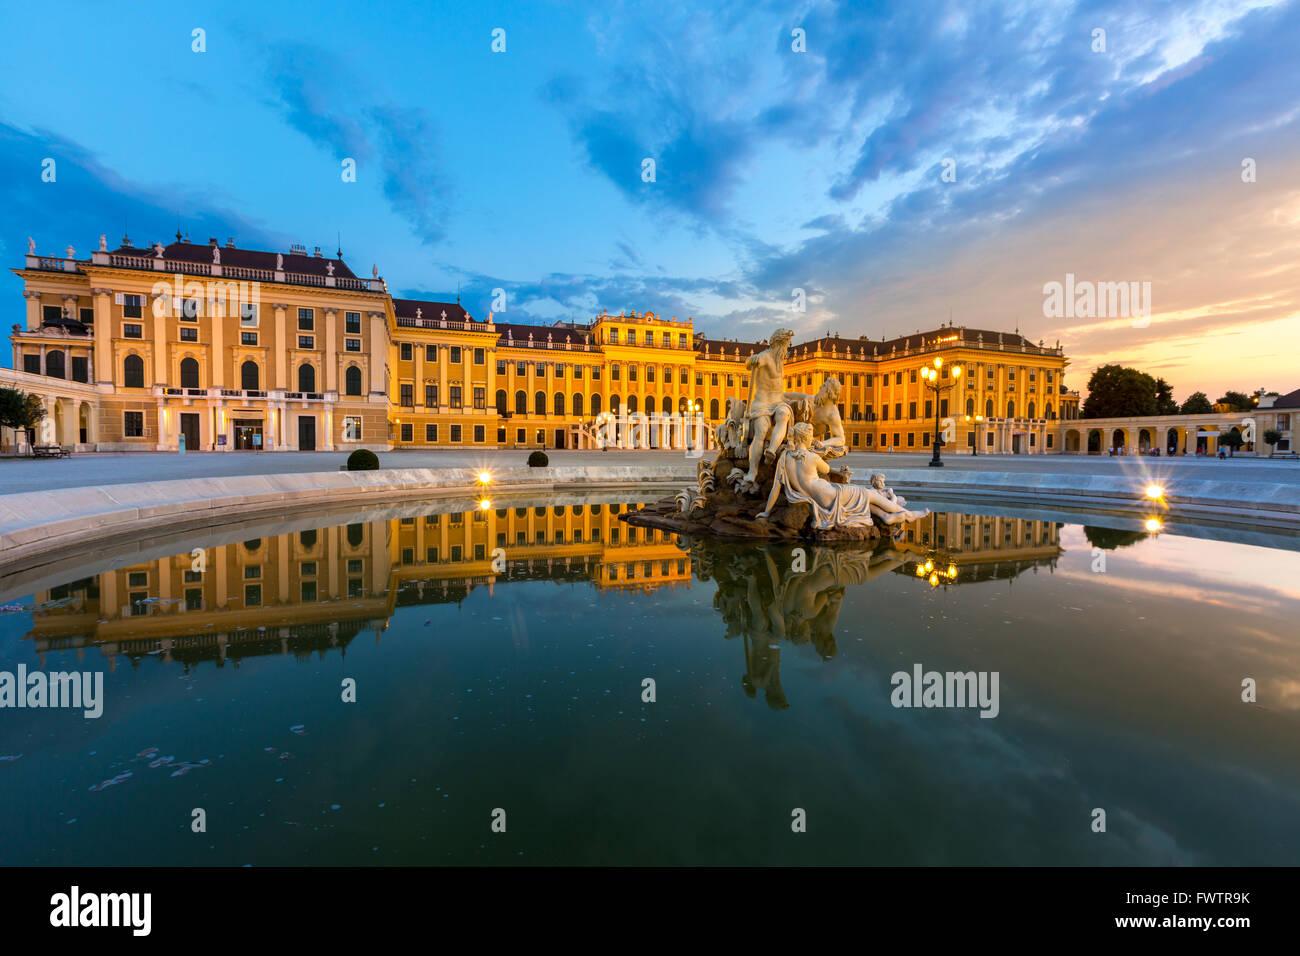 Palais Schonbrunn Vienne Autriche au crépuscule Photo Stock